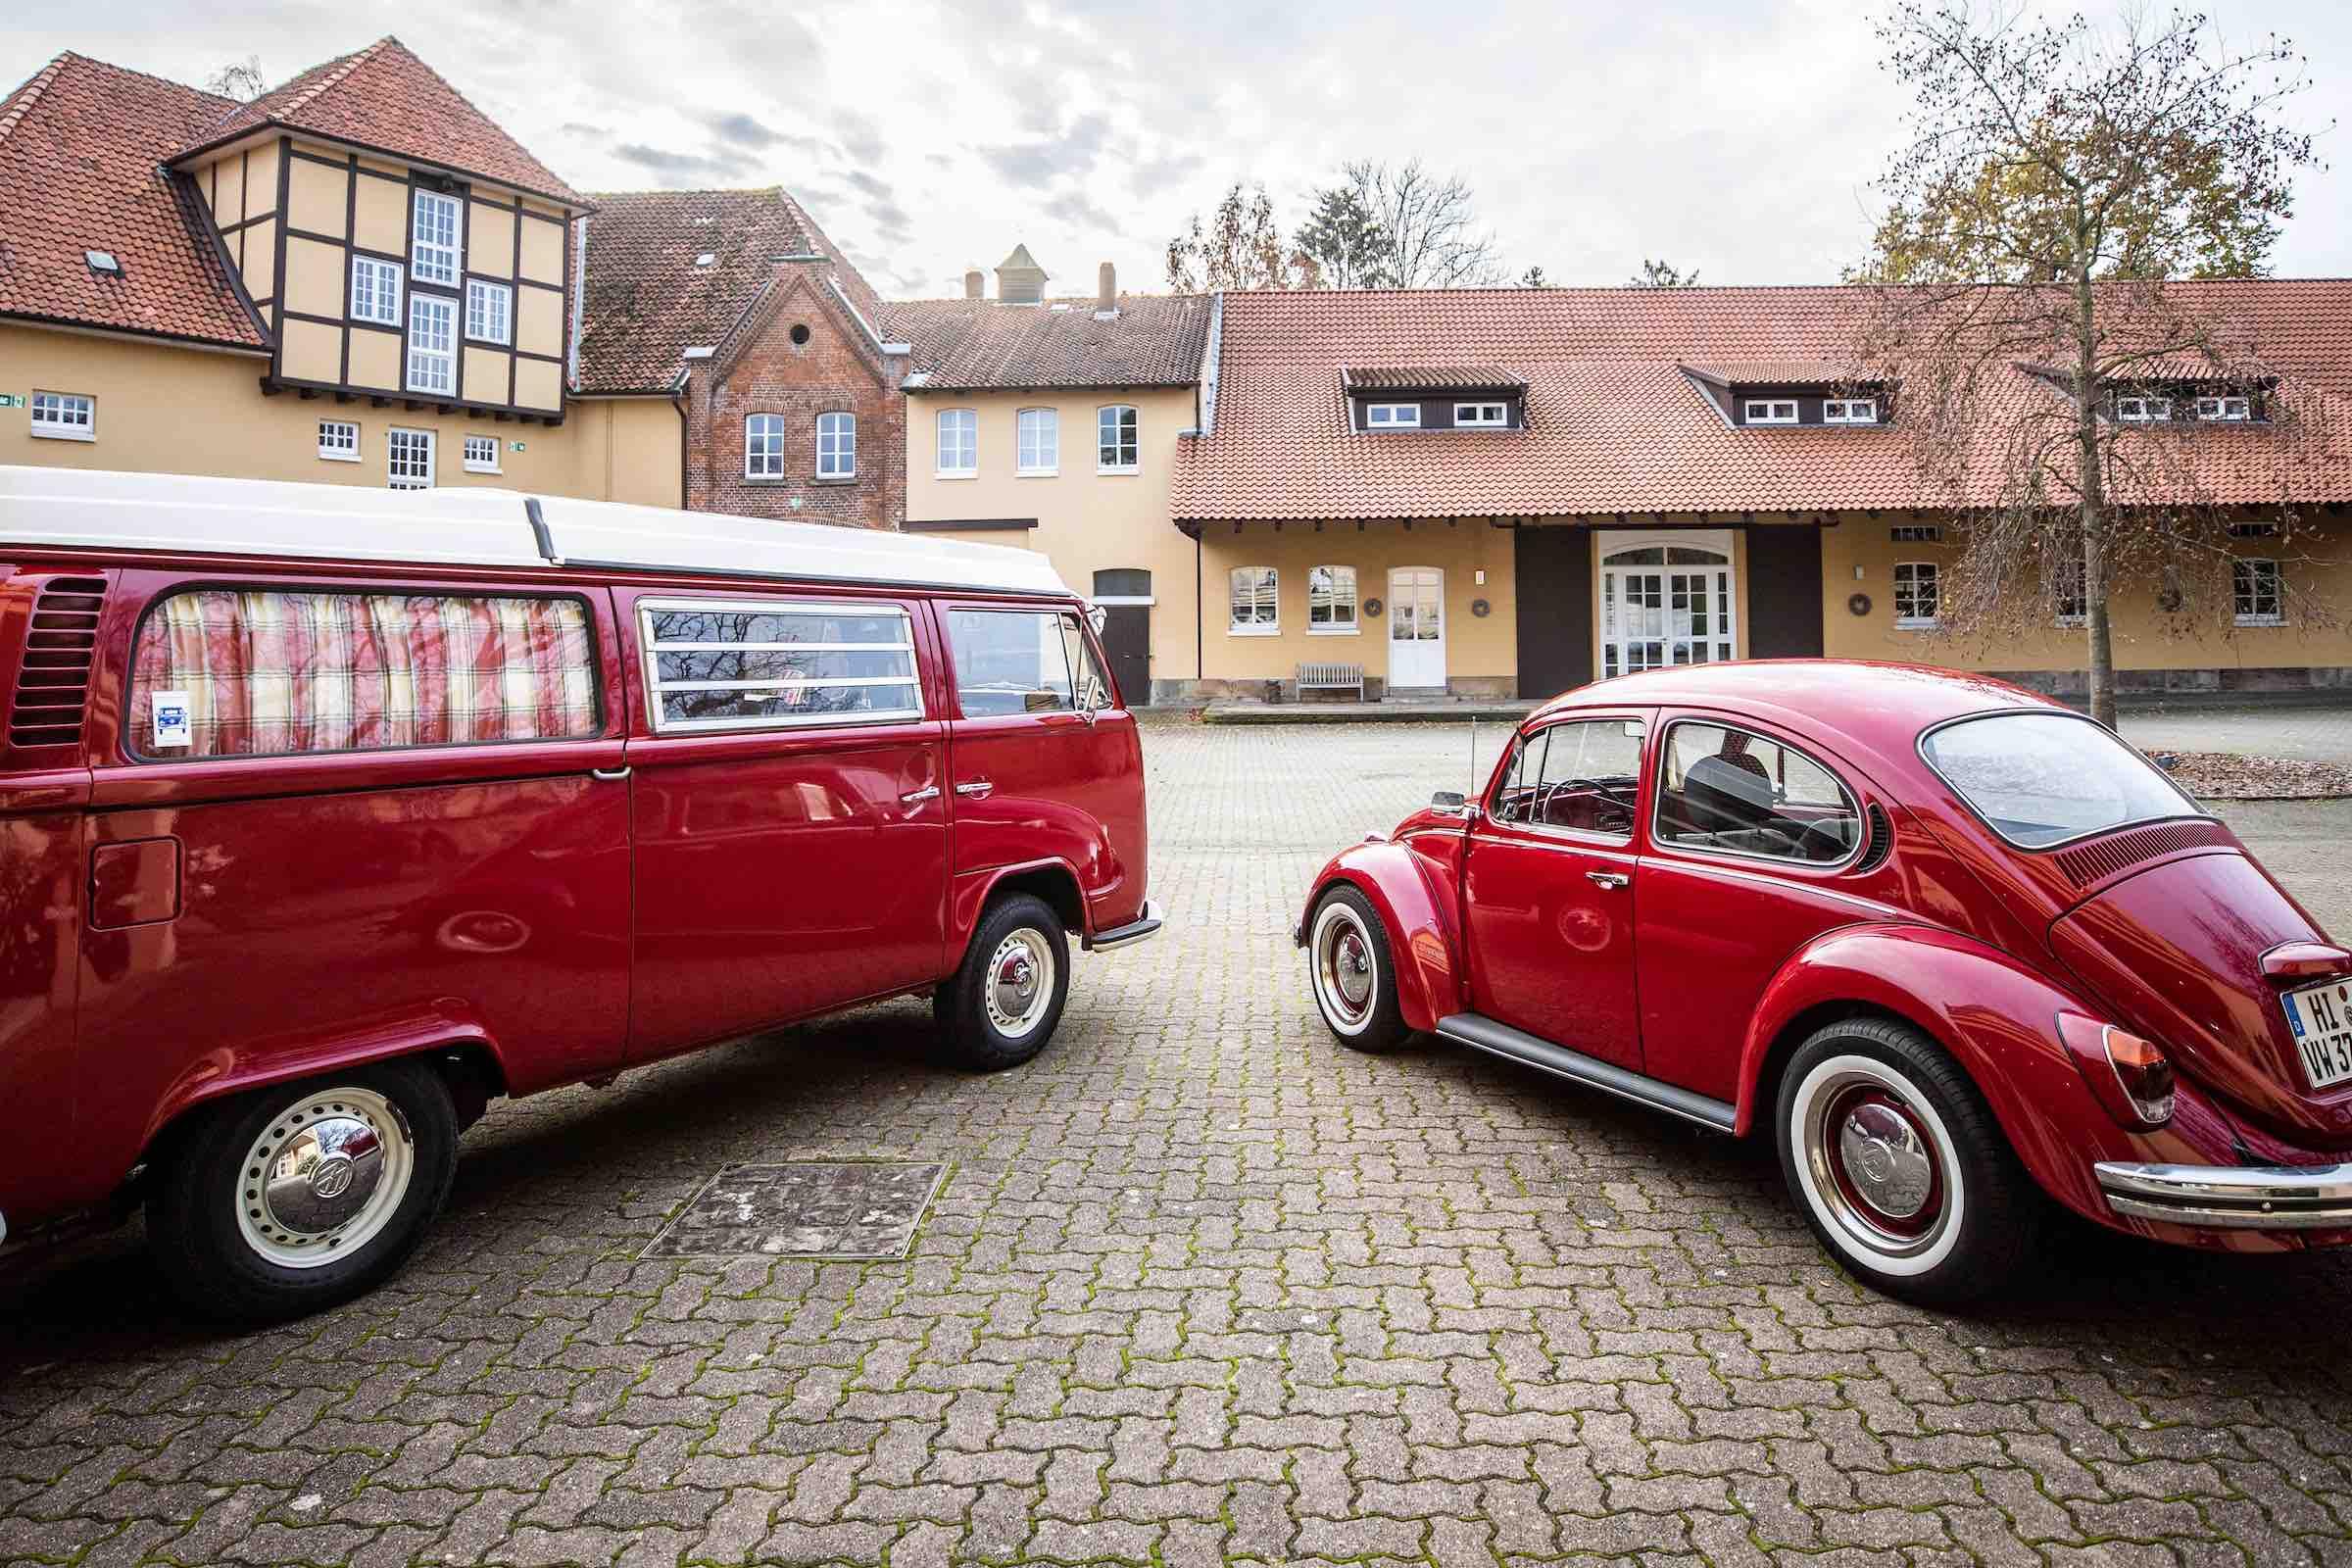 Hochzeitsauto | Oldtimer | Hochzeit | Auto | Hochzeit | Brautwagen | VW | Käfer | VW | T1 | T2 | T3 | Brautauto | Event | Fahrzeuge | Mieten | Buchen | Anfragen | Hannover